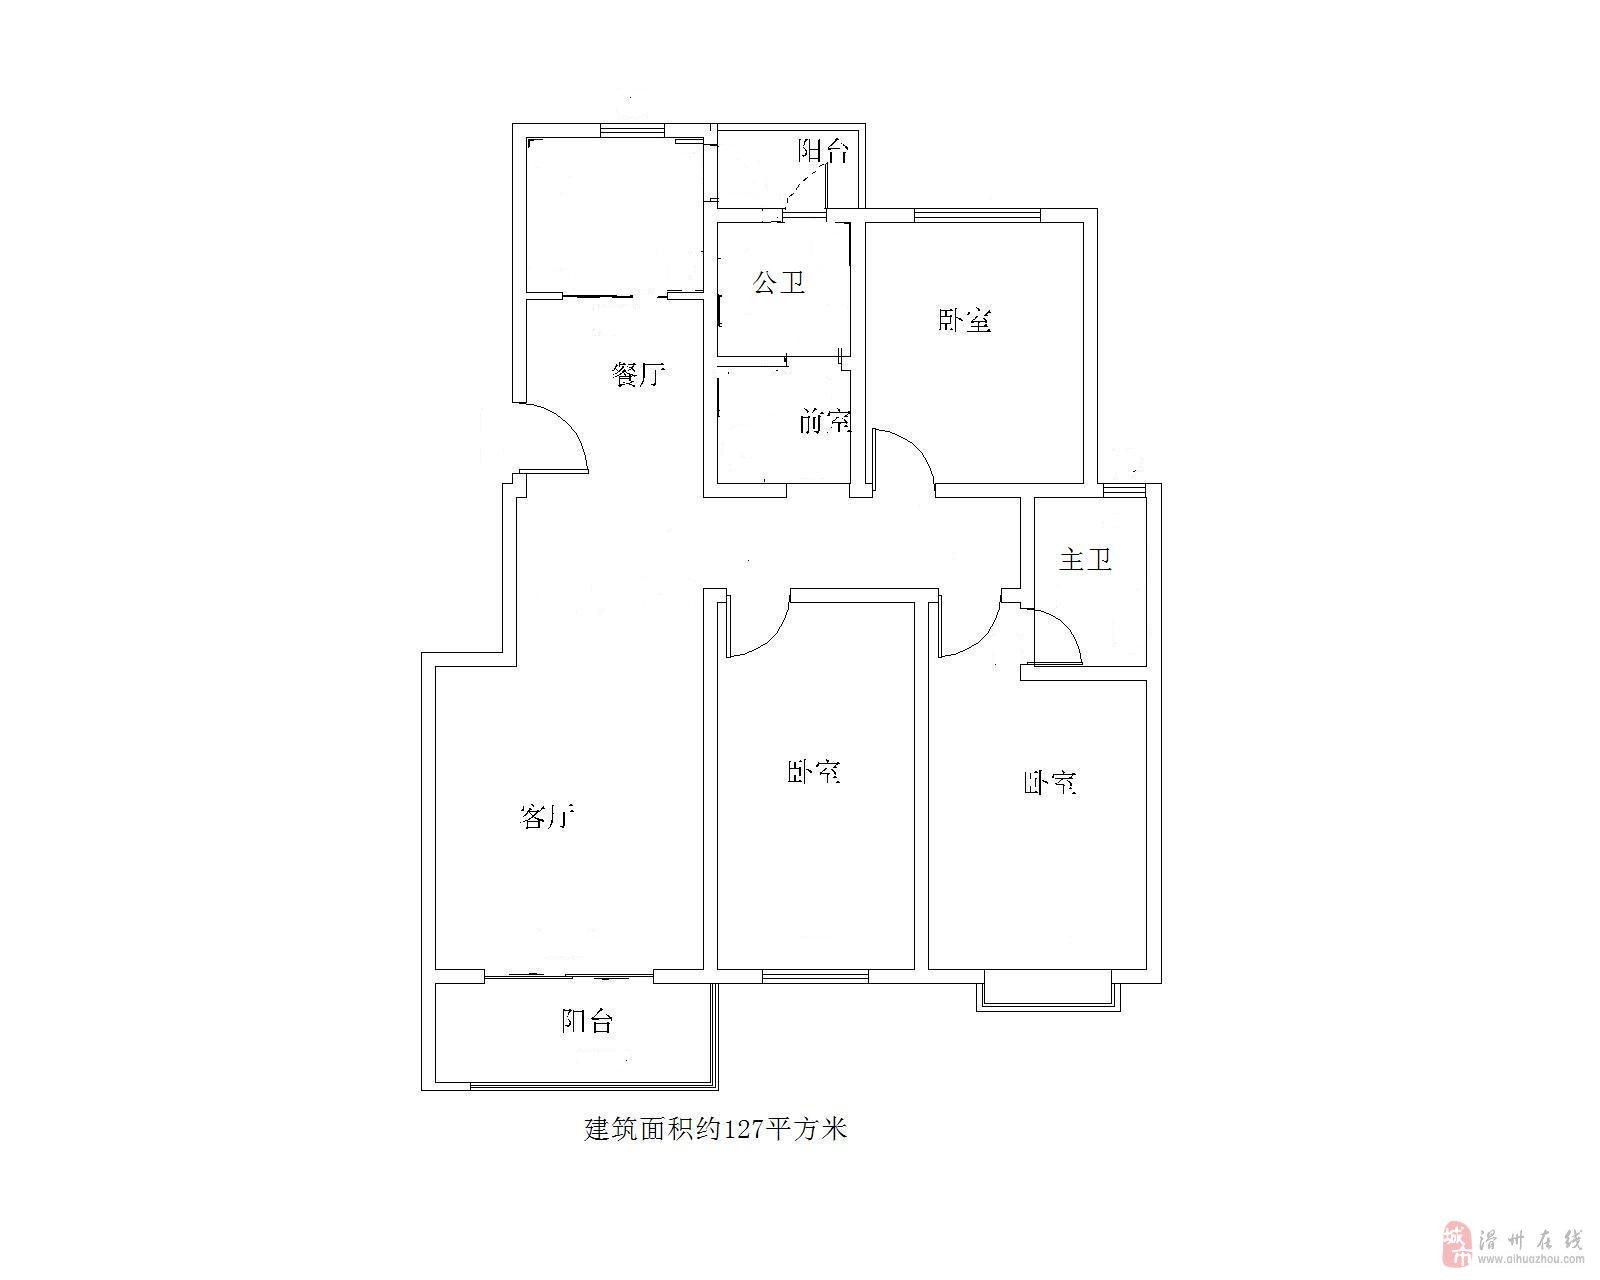 安秀苑3室2厅2卫53.5万元